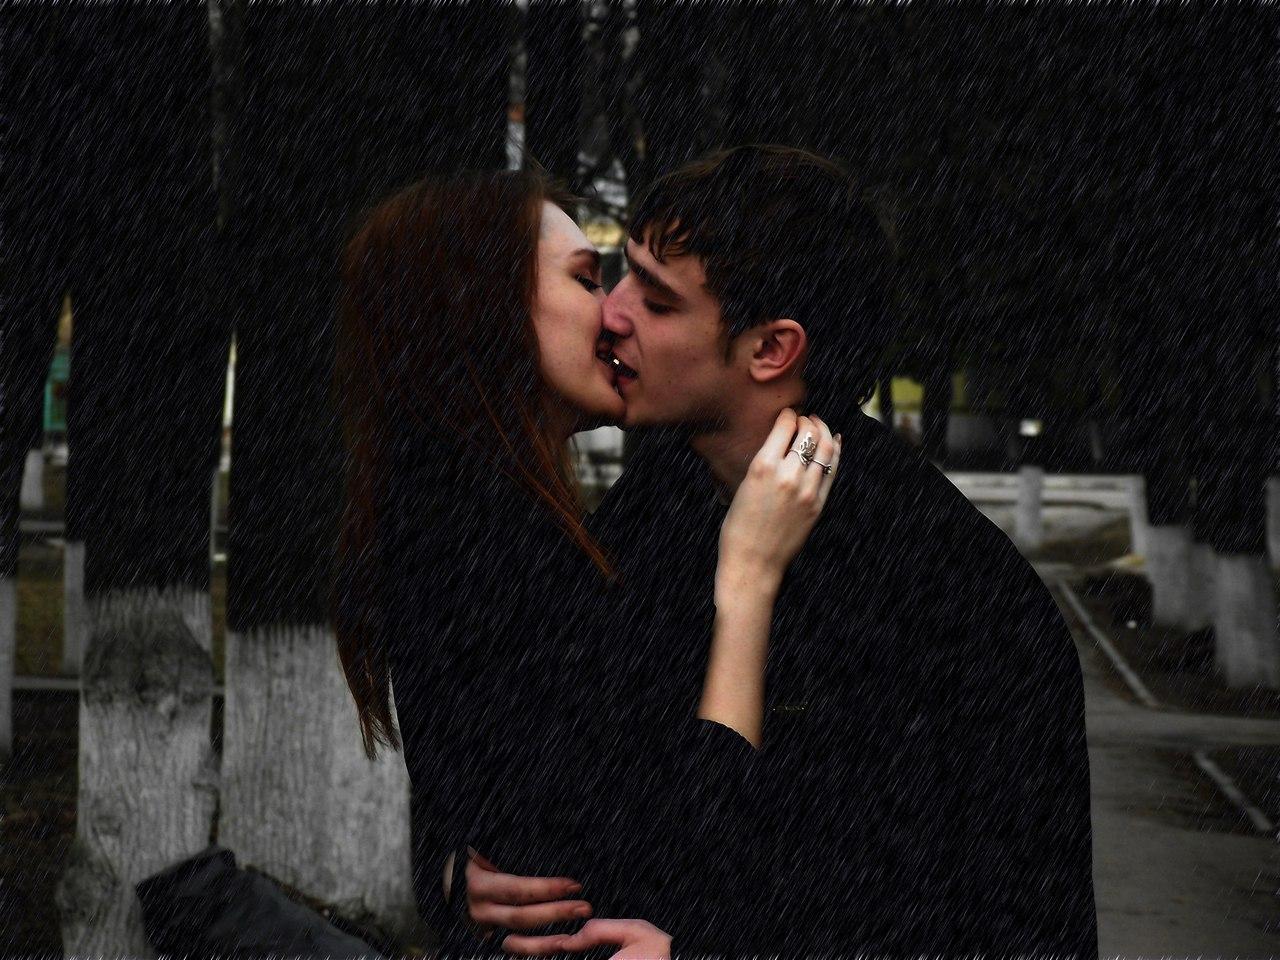 Фото парень и девушка целуются на улице